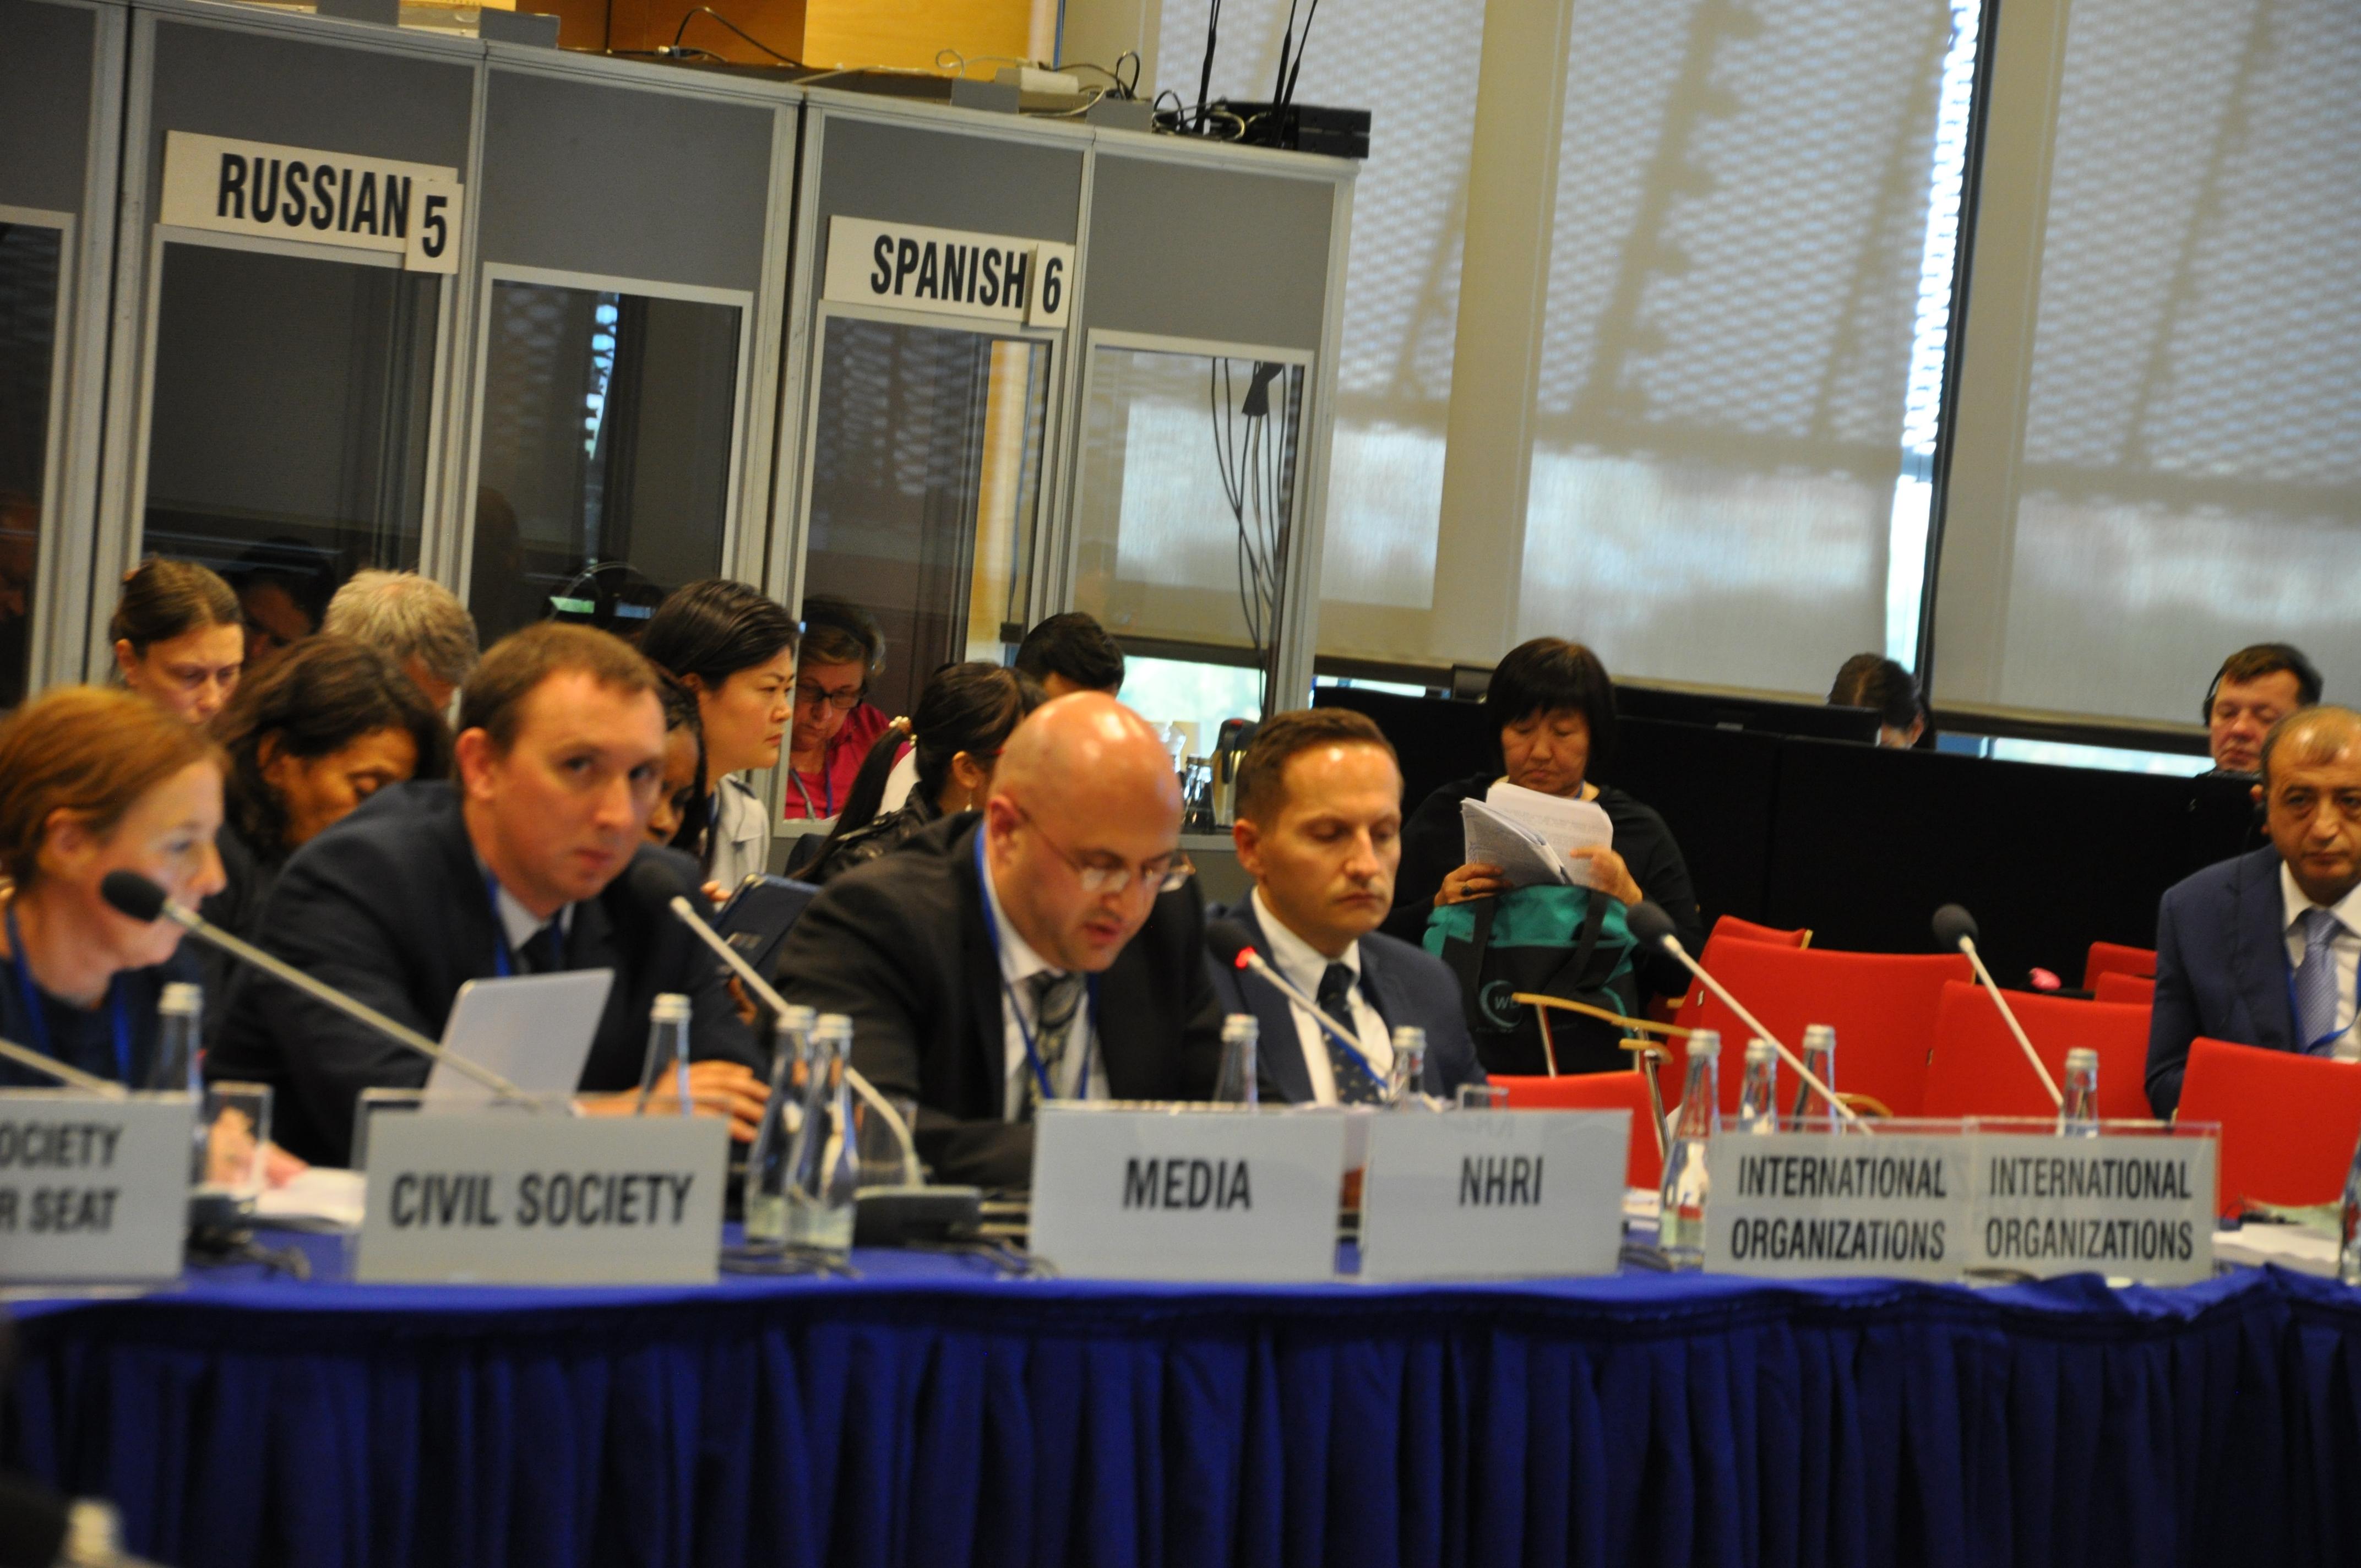 На заседании ОБСЕ правозащитники потребовали остановить депортацию украинских граждан из Крыма в РФ